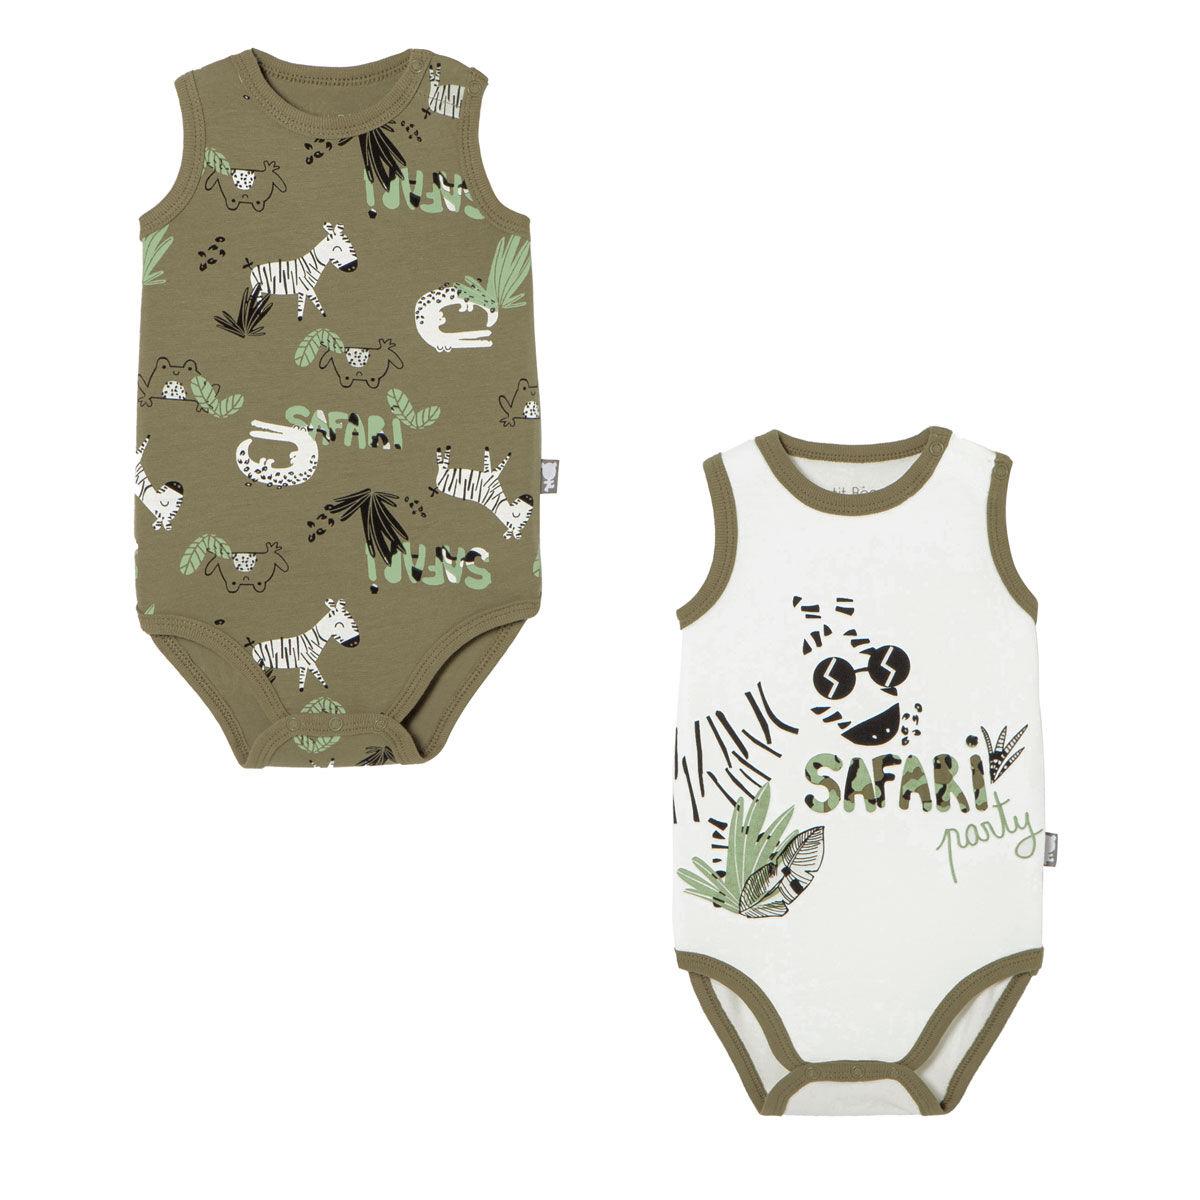 Petit Béguin Lot de 2 bodies bébé garçon débardeurs bébé Nerobi - Taille - 24 mois